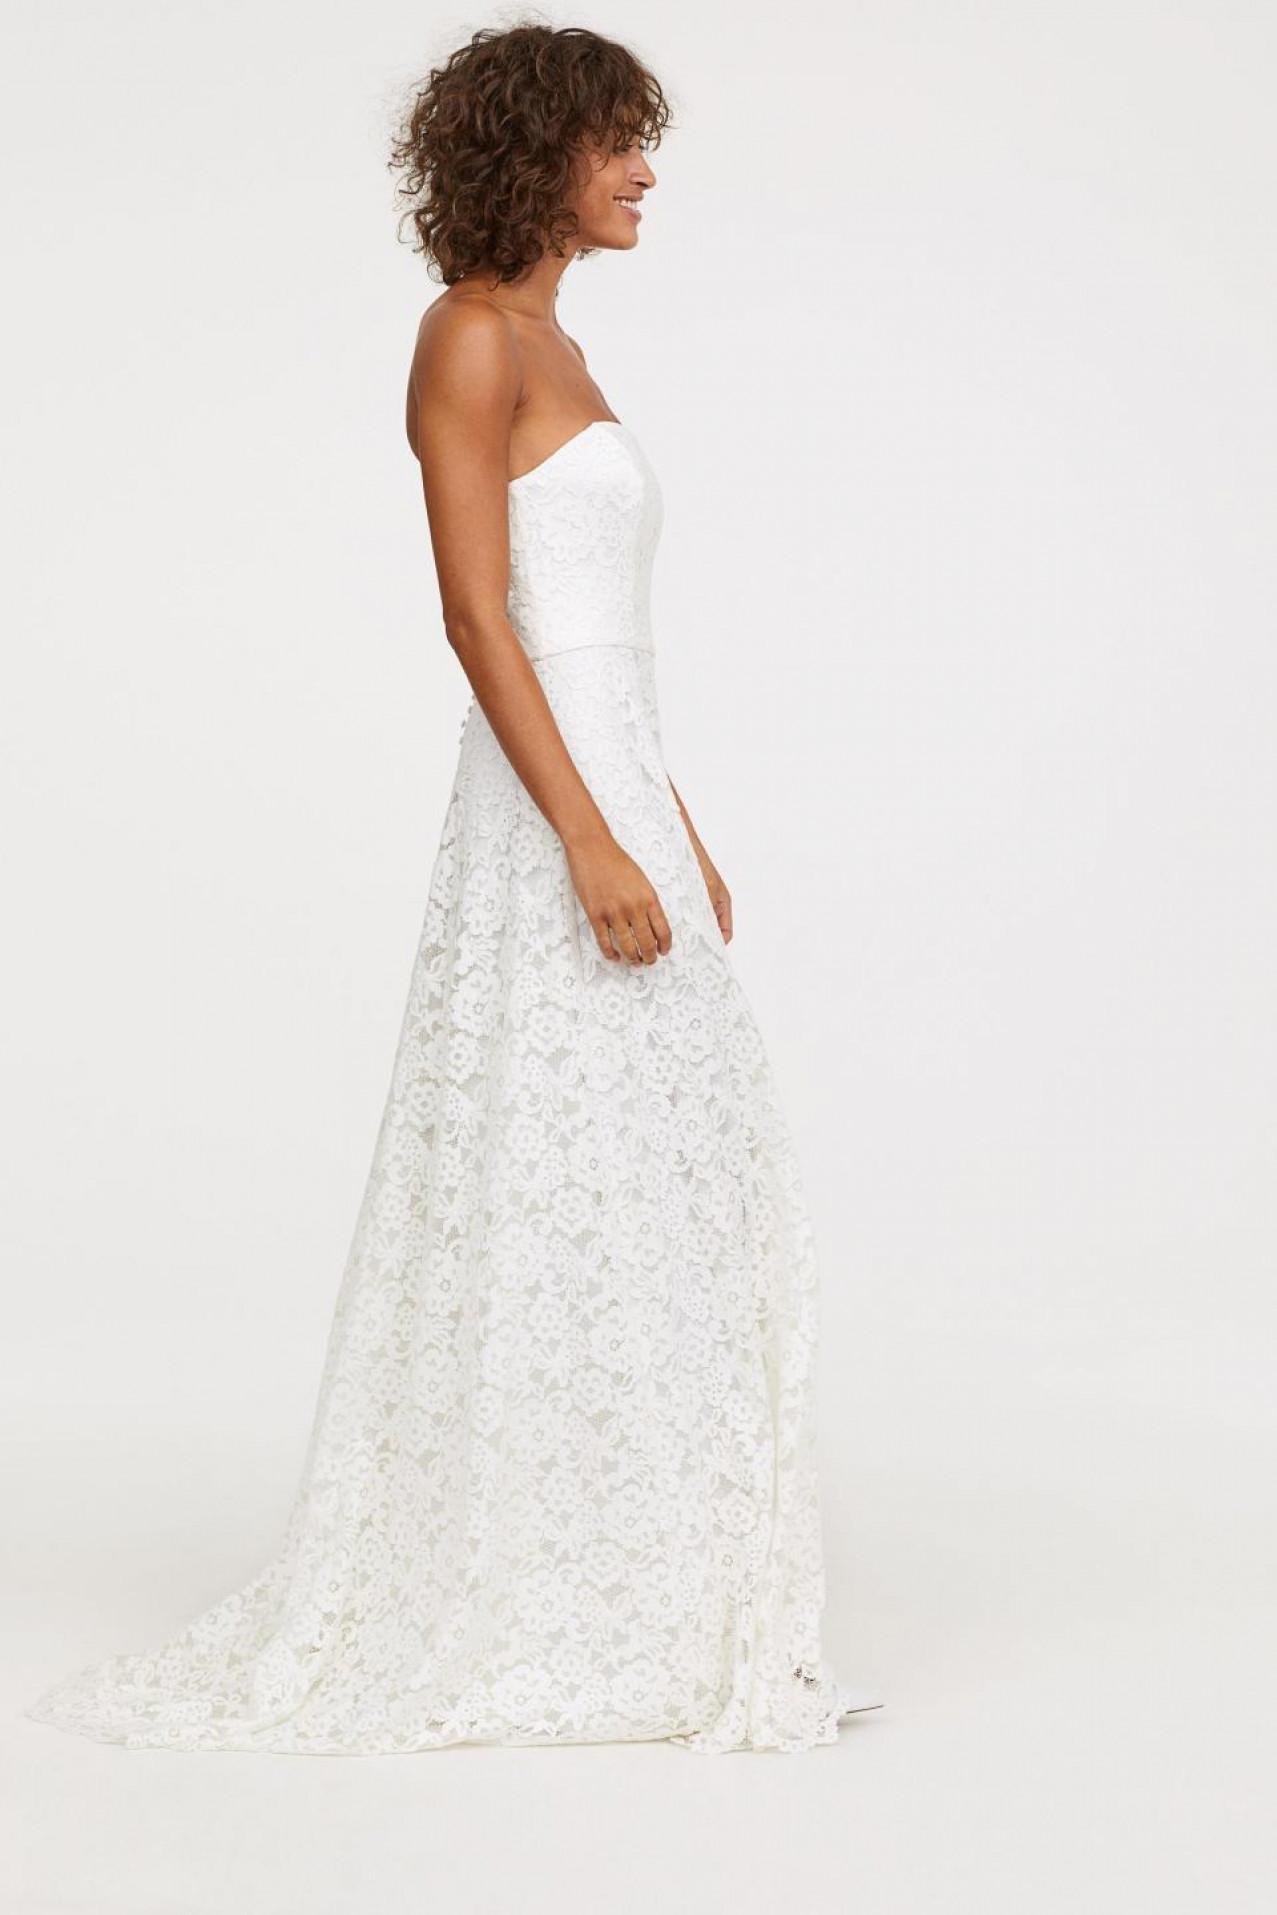 Váy cưới giá chỉ từ 1 triệu đồng cho cô dâu ngân sách eo hẹp Ảnh 3